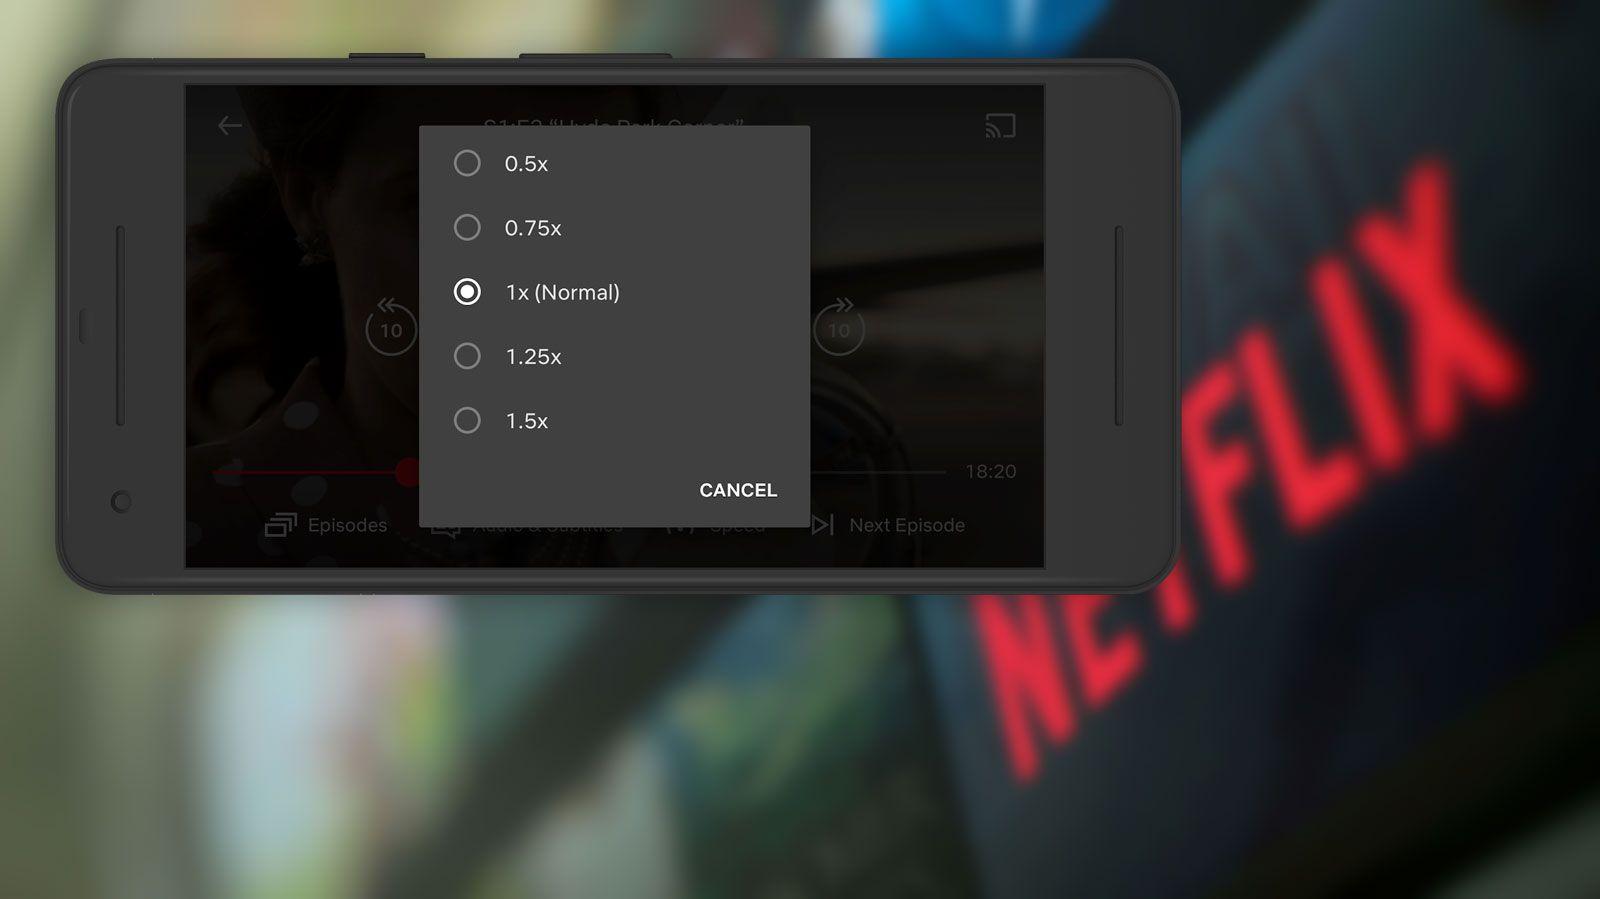 Nå kan du justere avspillingshastigheten på Netflix